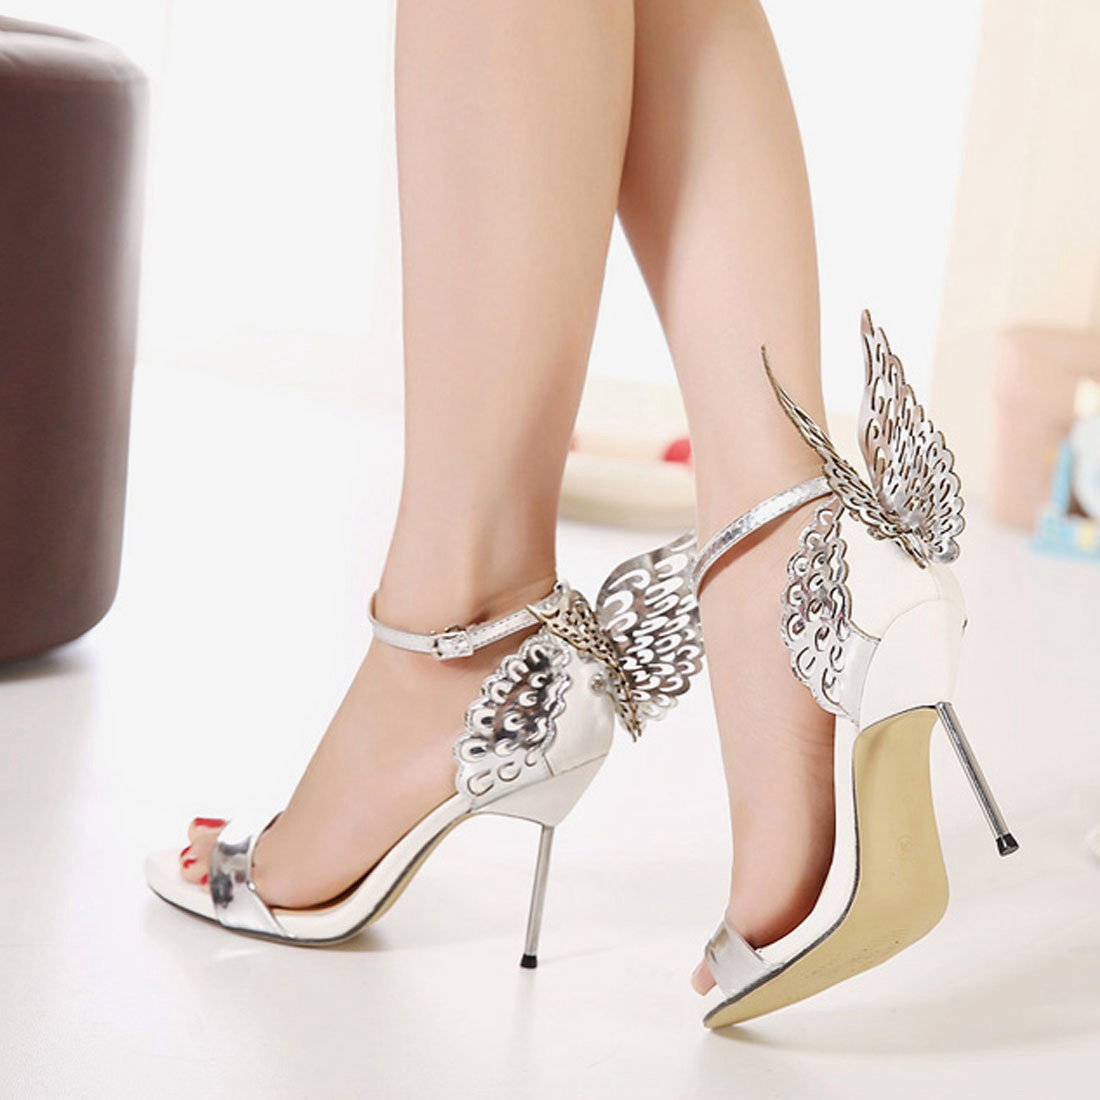 Sottile ed elegante scarpe donna _ Coreano moda sottili eleganti scarpe da donna con sottili tacco alto taglio cava sandali appuntita, argento, 38